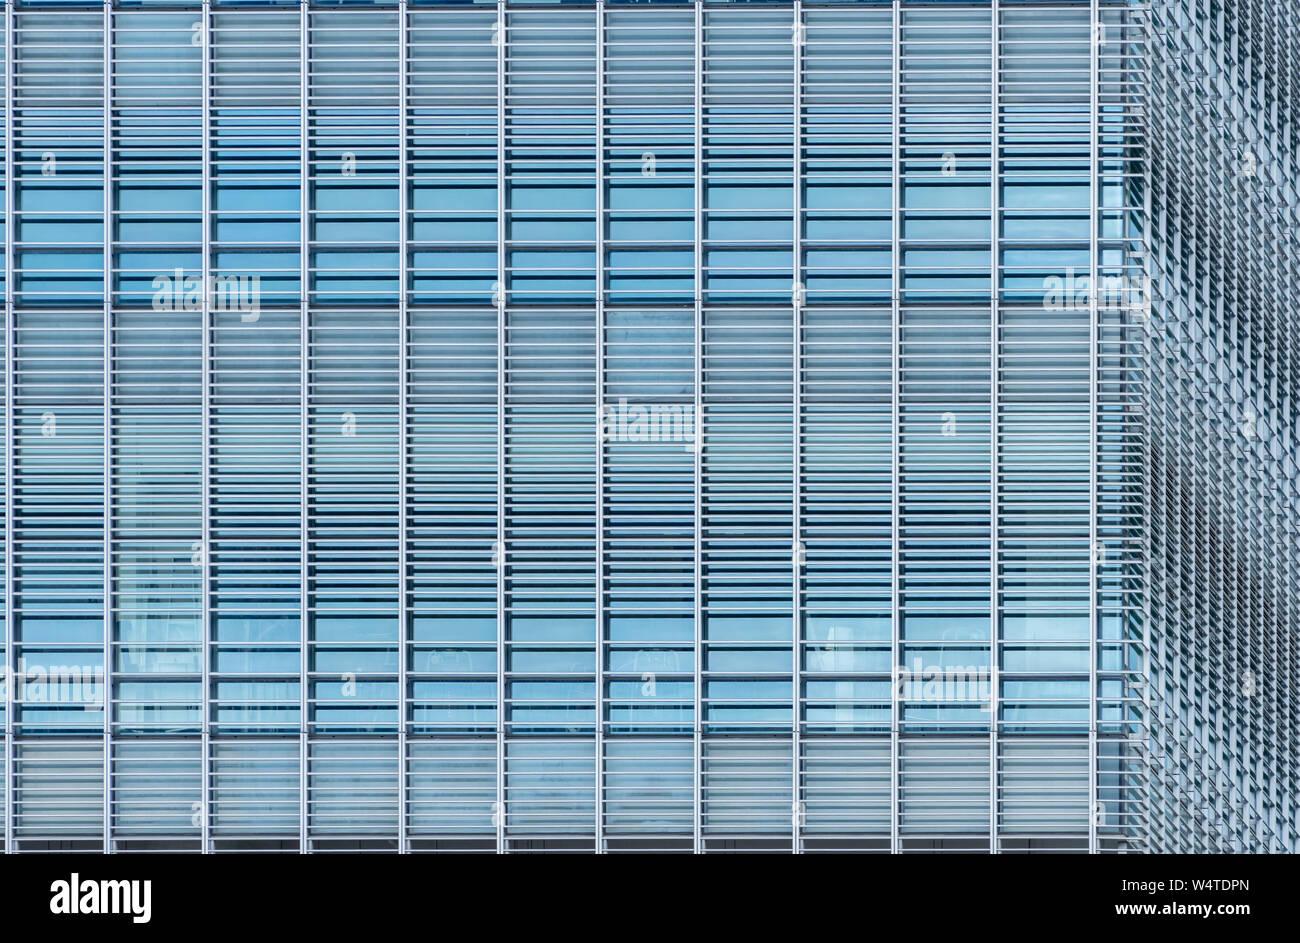 Moderne futuristischen Glasgebäude abstrakt Hintergrund. Die Außenseite des Büro Glas Gebäude Architektur. Fassade der nachhaltige Gebäude. Energie Stockfoto